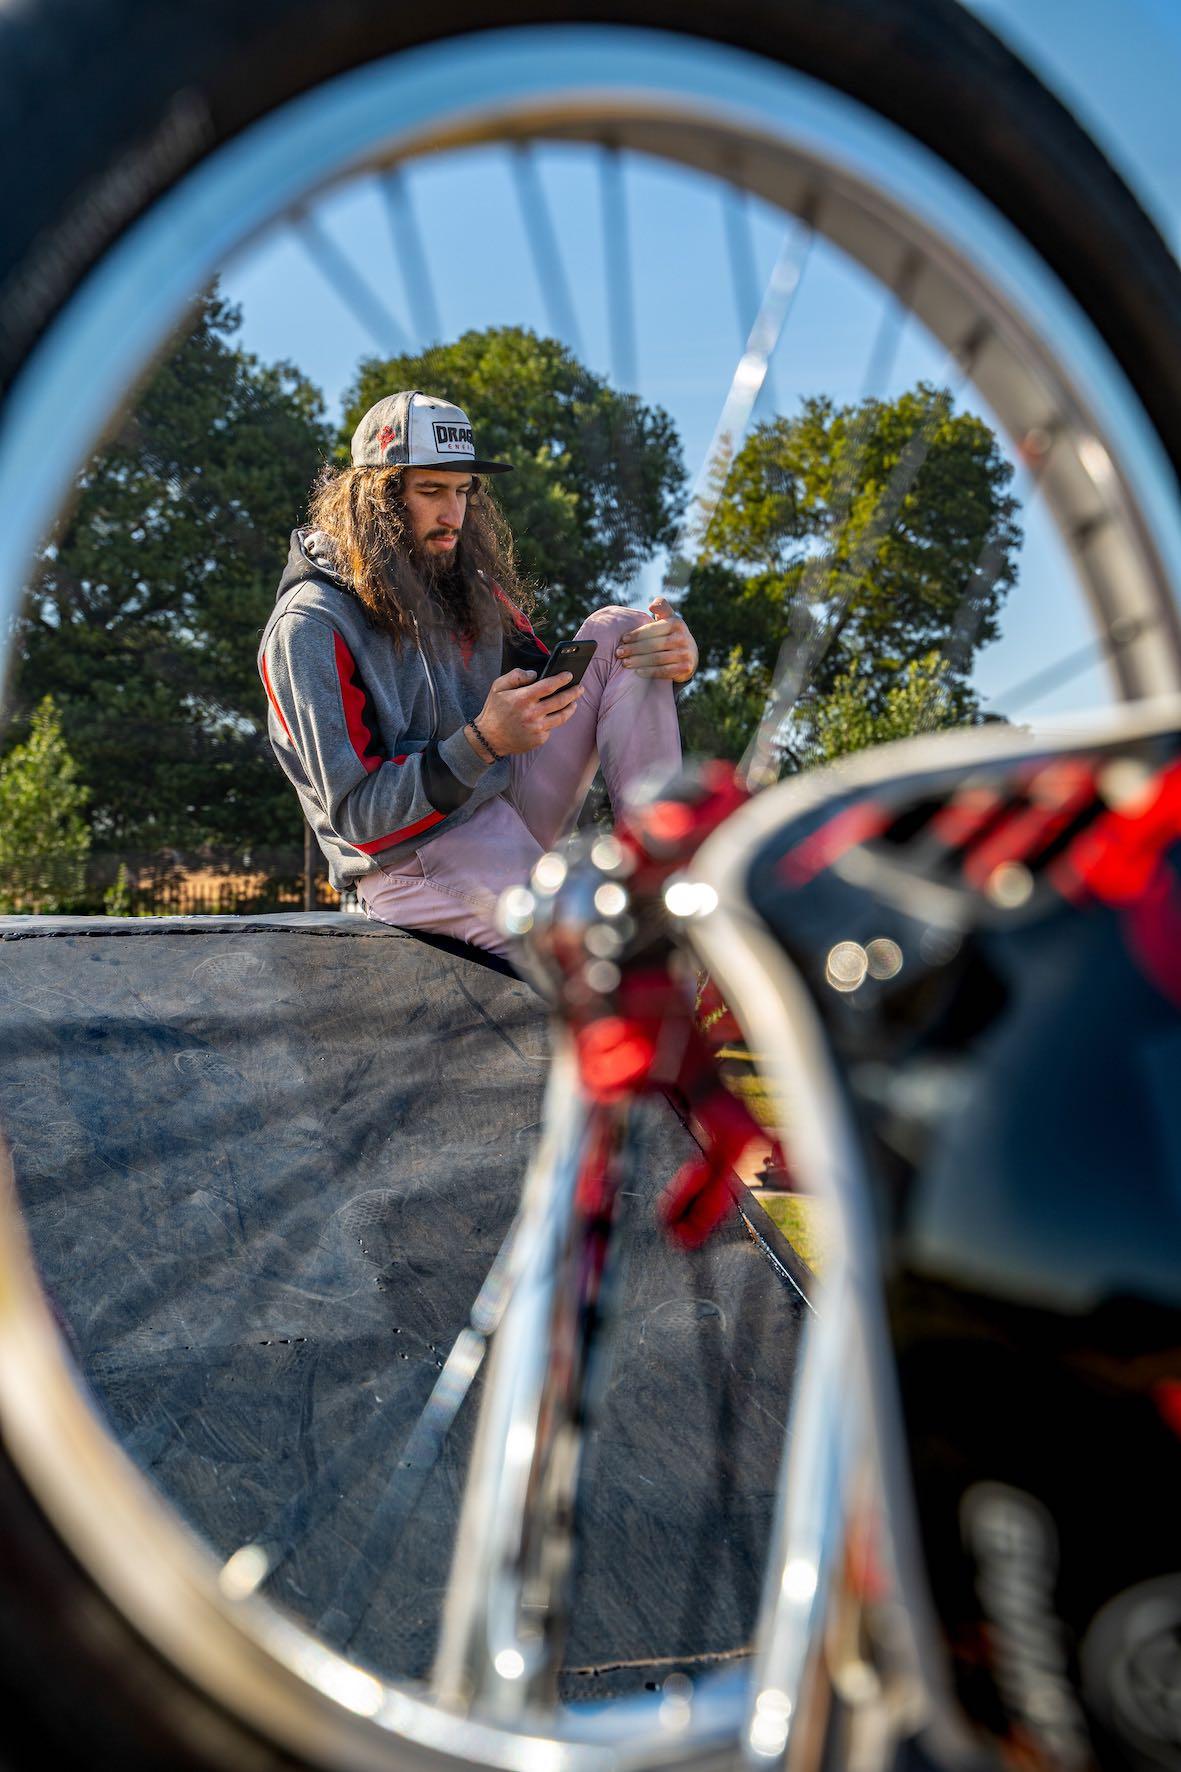 Interview with BMX rider Vincent Leygonie